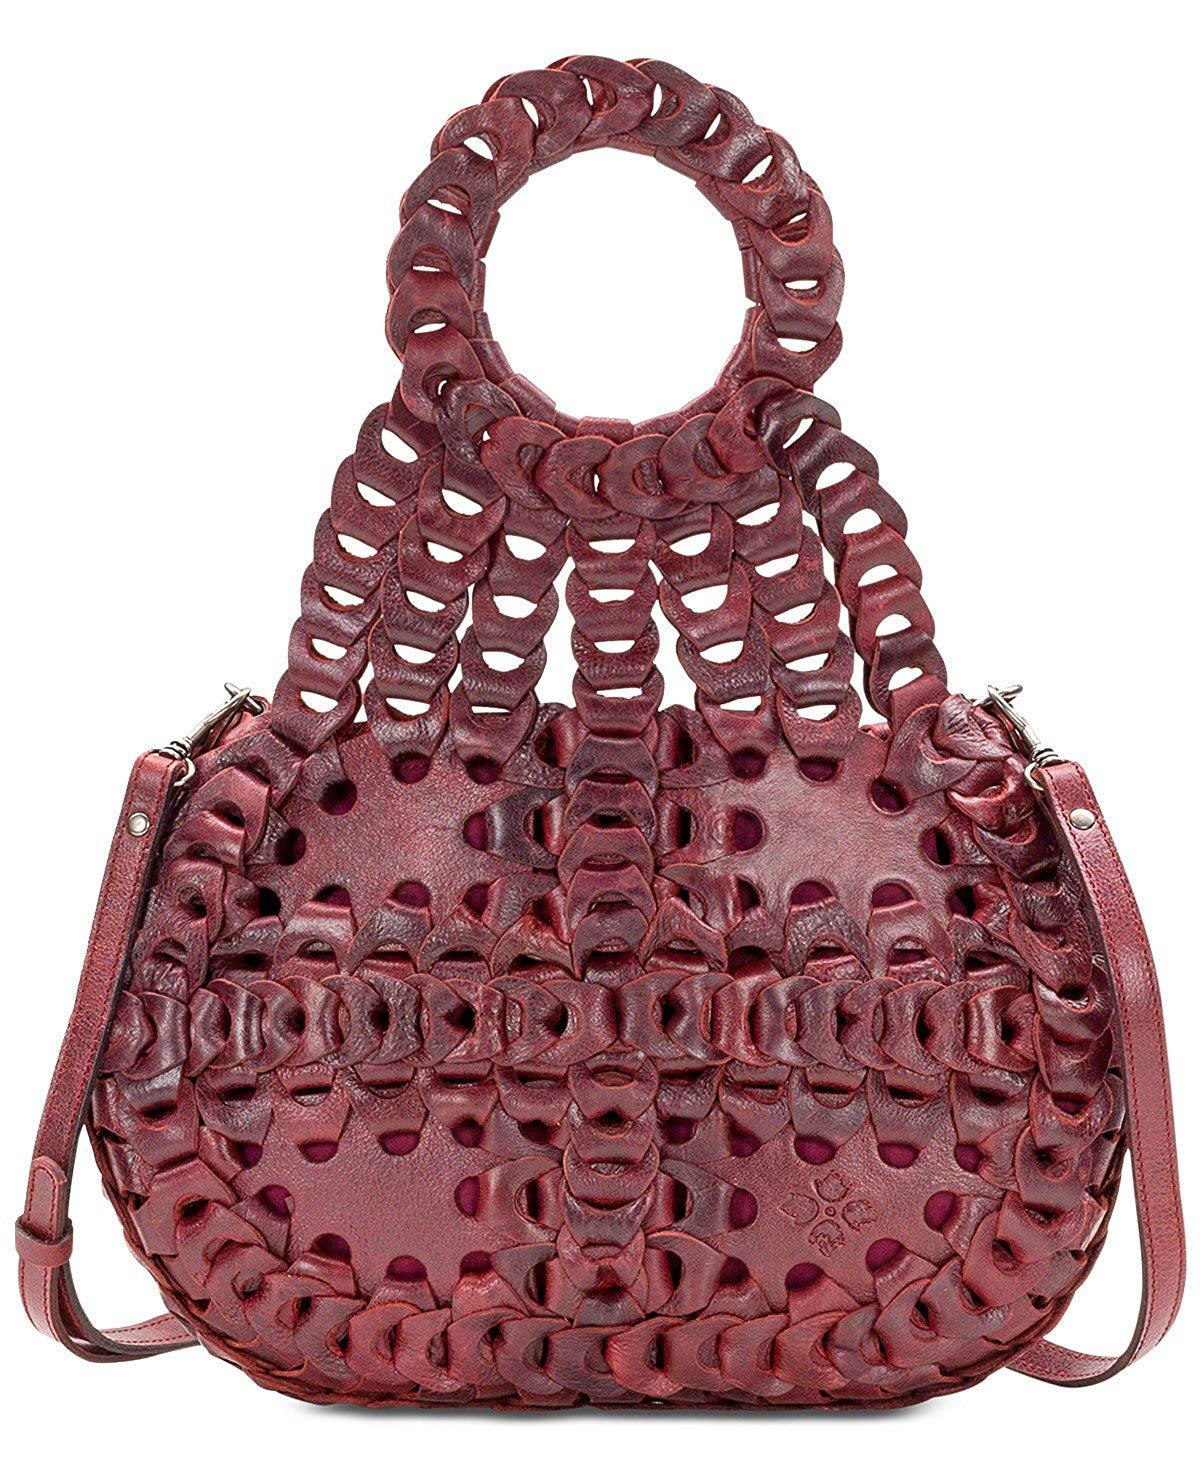 fdb8ff25c3b2 Get Quotations · Patricia Nash Ticci RED Medium Shoulder Bag